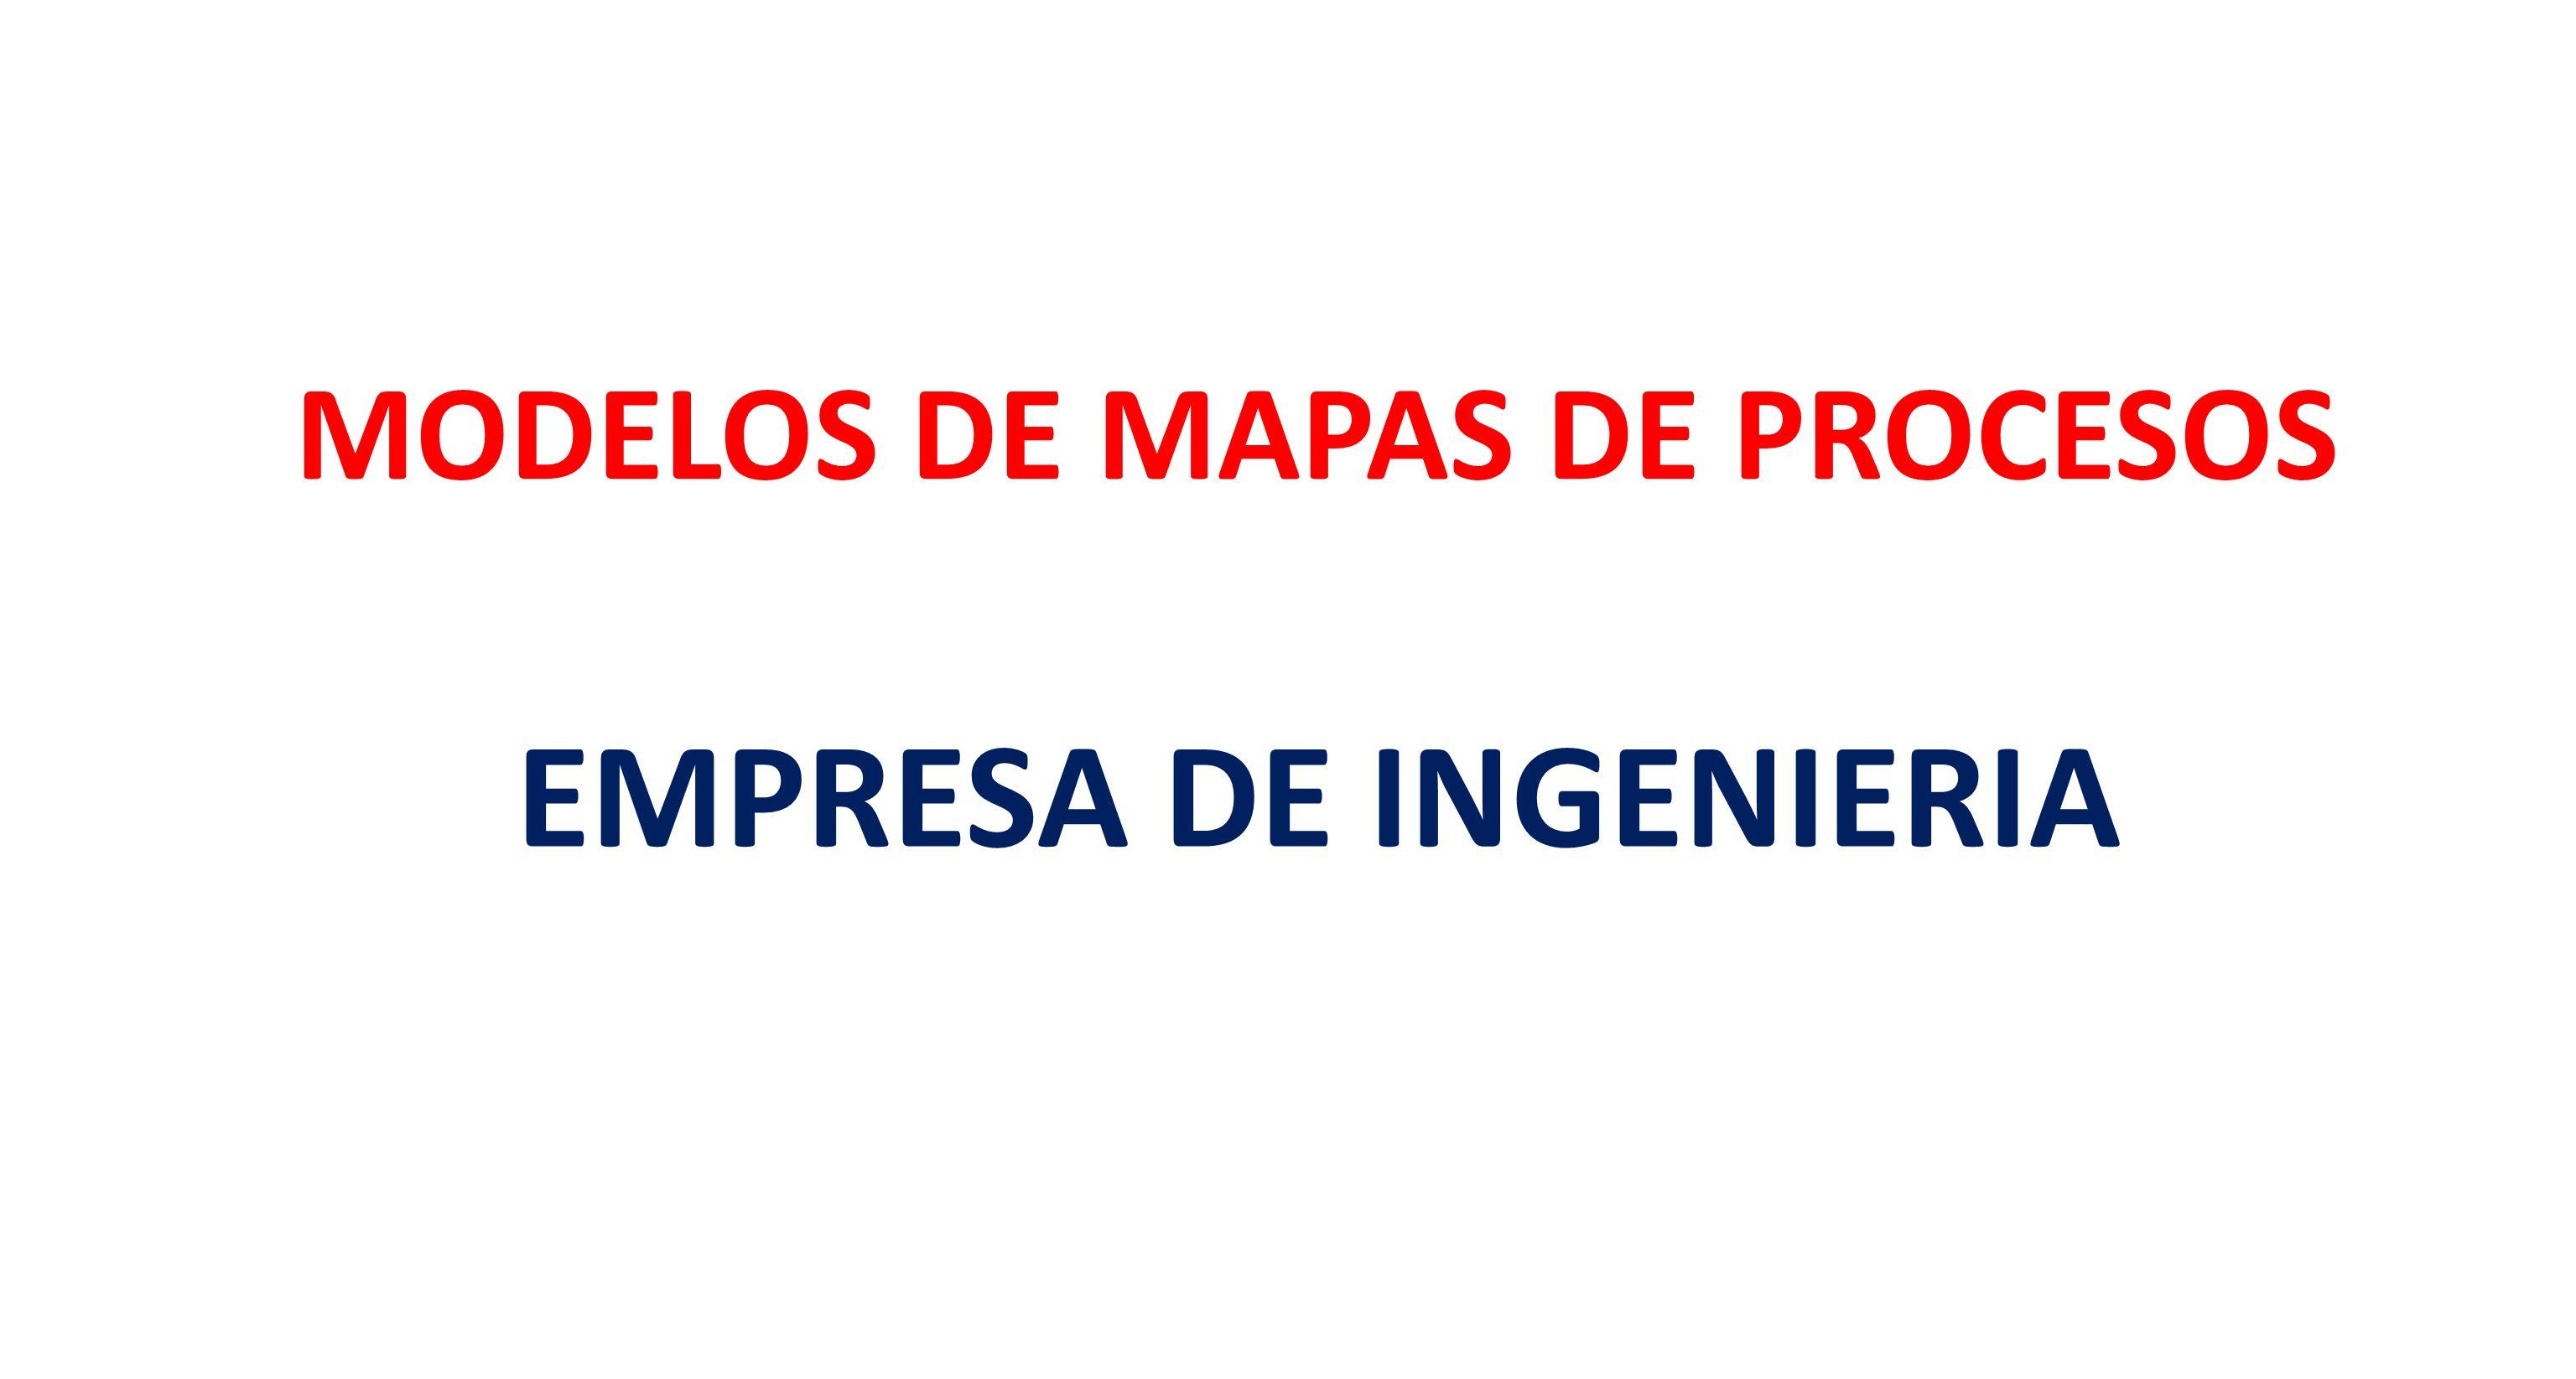 MACROPROCESO DE GESTIÓN JURÍDICO ADMINISTRATIVO GESTIÓN JURÍDICA ADQUISICIÓN DE BIENES, OBRAS Y SERVICIOS ADMINISTRACIÓN DE BIENES MUEBLES, INMUEBLES Y AUTOMOTORES MACROPROCESO DE GESTIÓN JURÍDICO ADMINISTRATIVO Objetivo: Brindar soporte administrativo y jurídico en todas las actuaciones de la Administración Central del Municipio y mantener el buen funcionamiento de los recursos físicos requeridos, para su buen desempeño y la defensa de sus intereses.